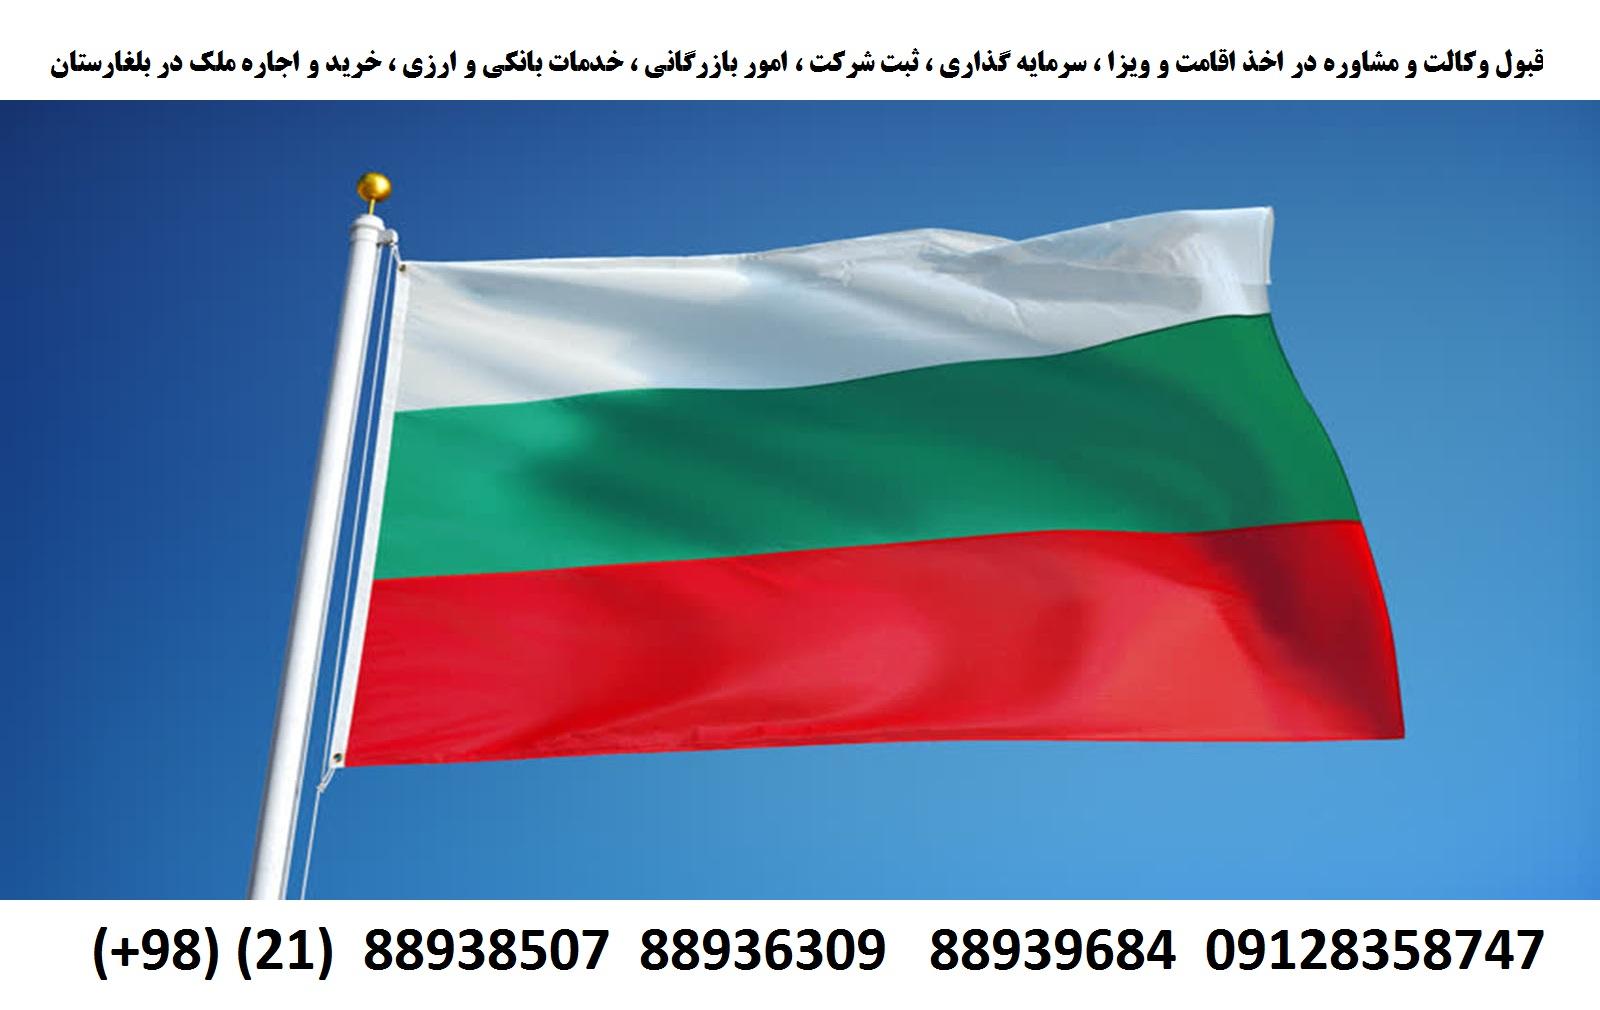 اقامت ، ویزا ، ثبت شرکت سرمایه گذاری در بلغارستان (1)